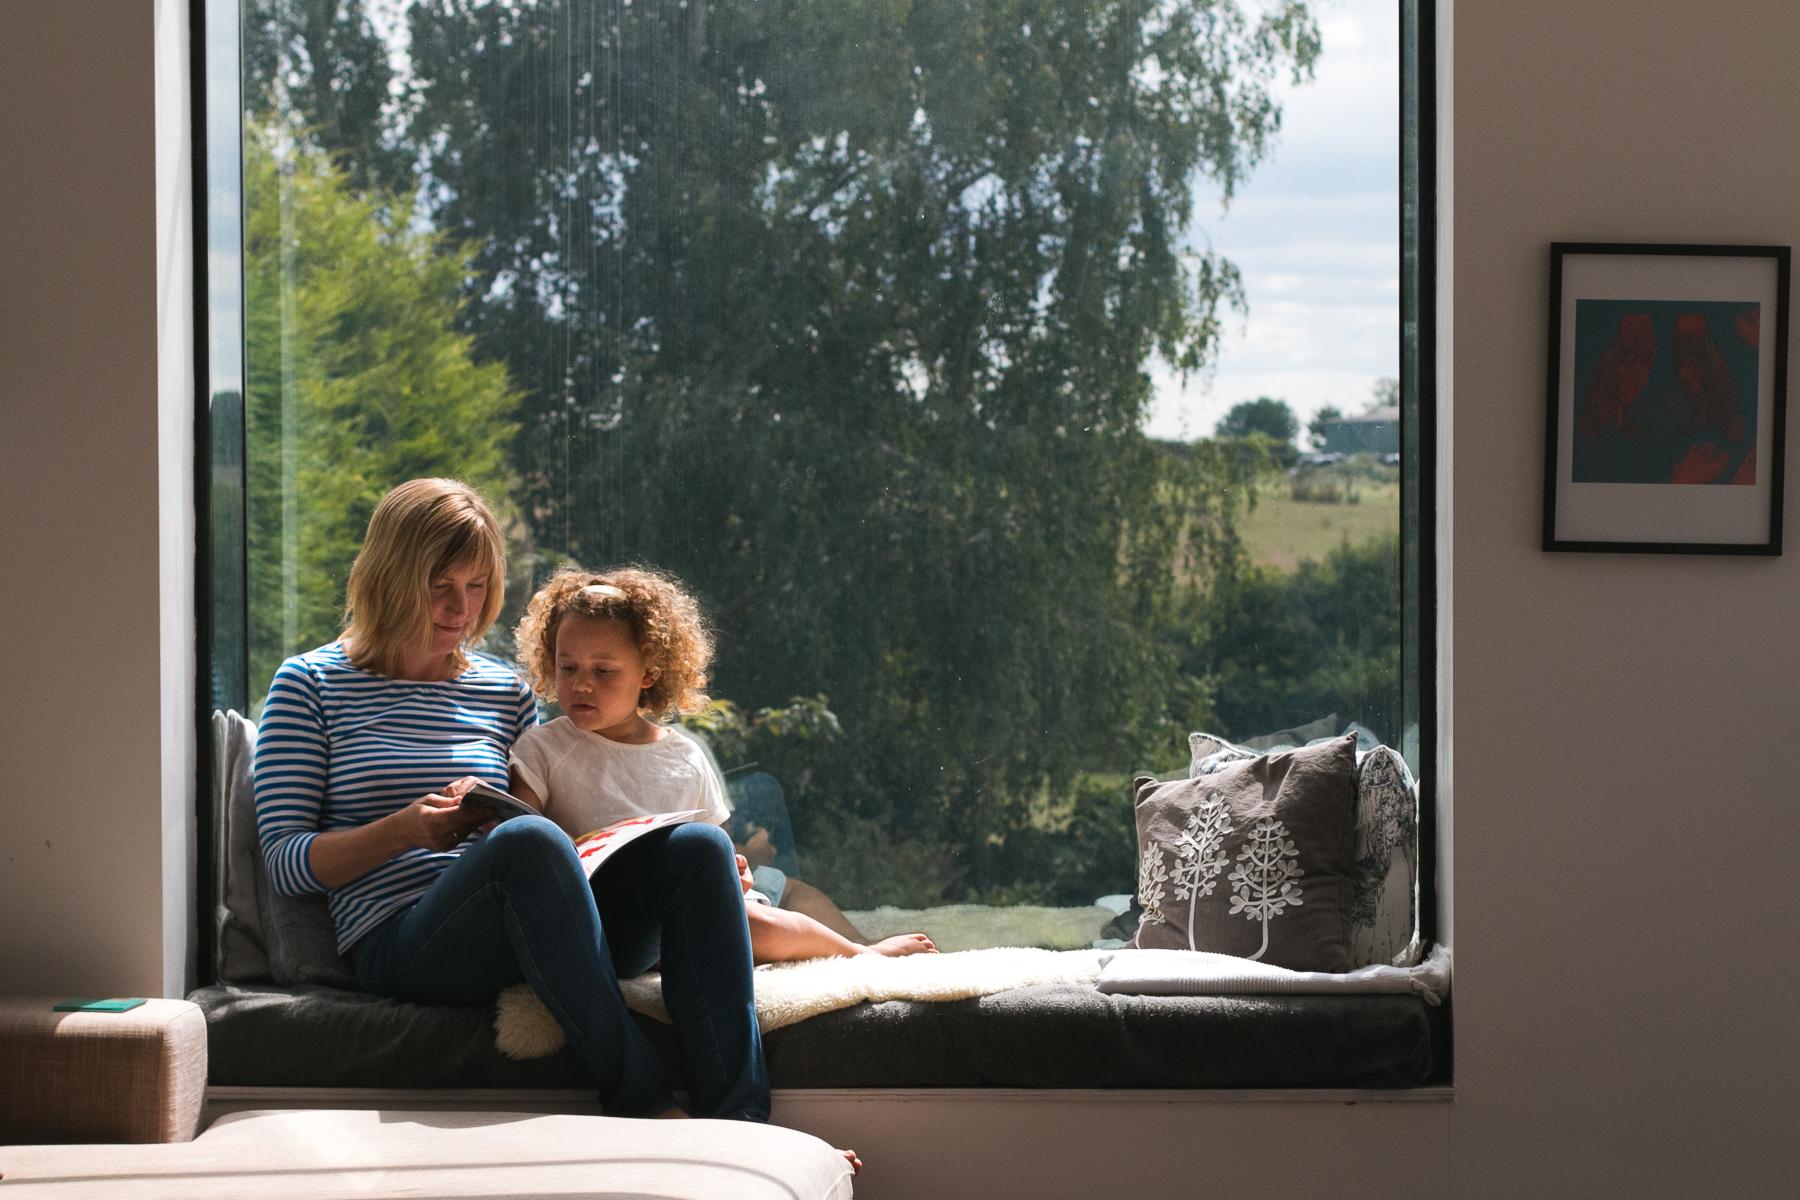 family-photography-leighton-buzzard-read